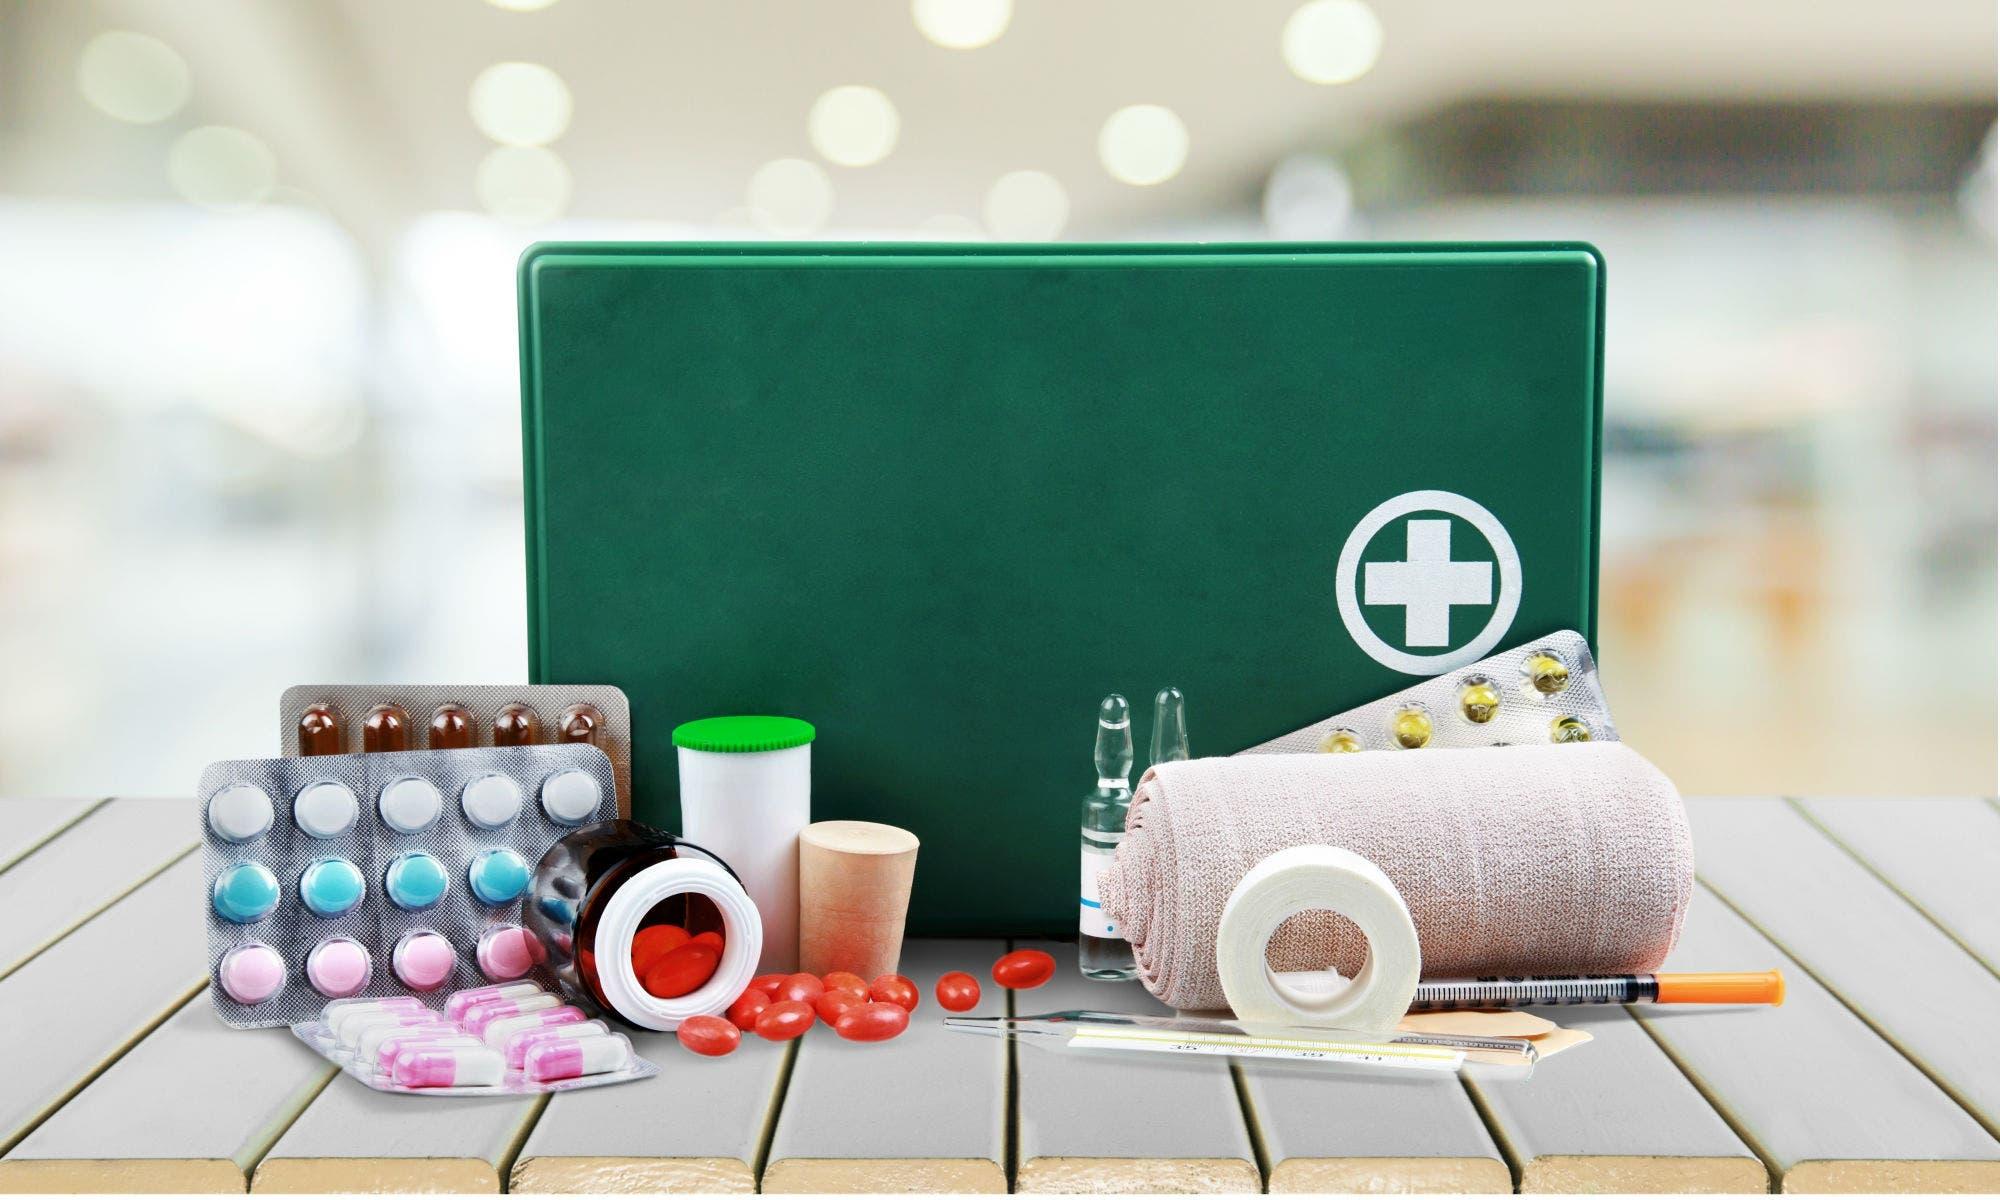 materiales que lleva un botiquin de primeros auxilios